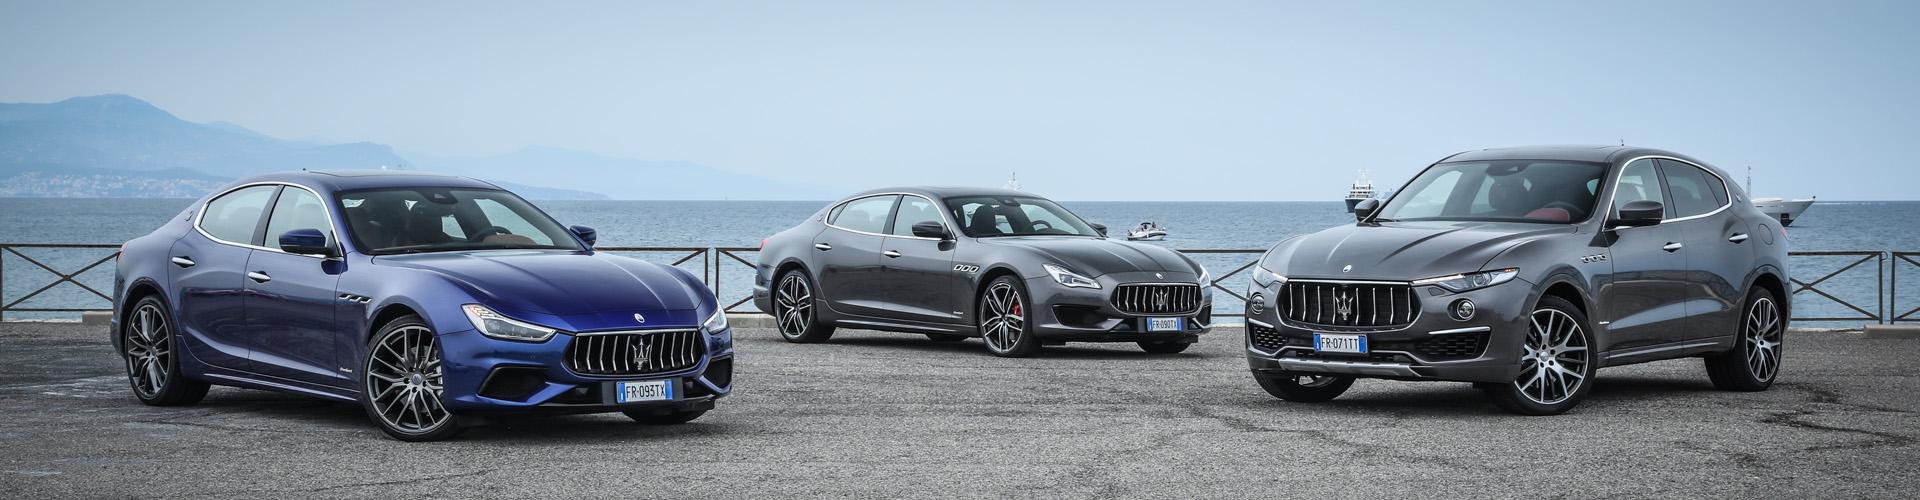 Maserati January Offer